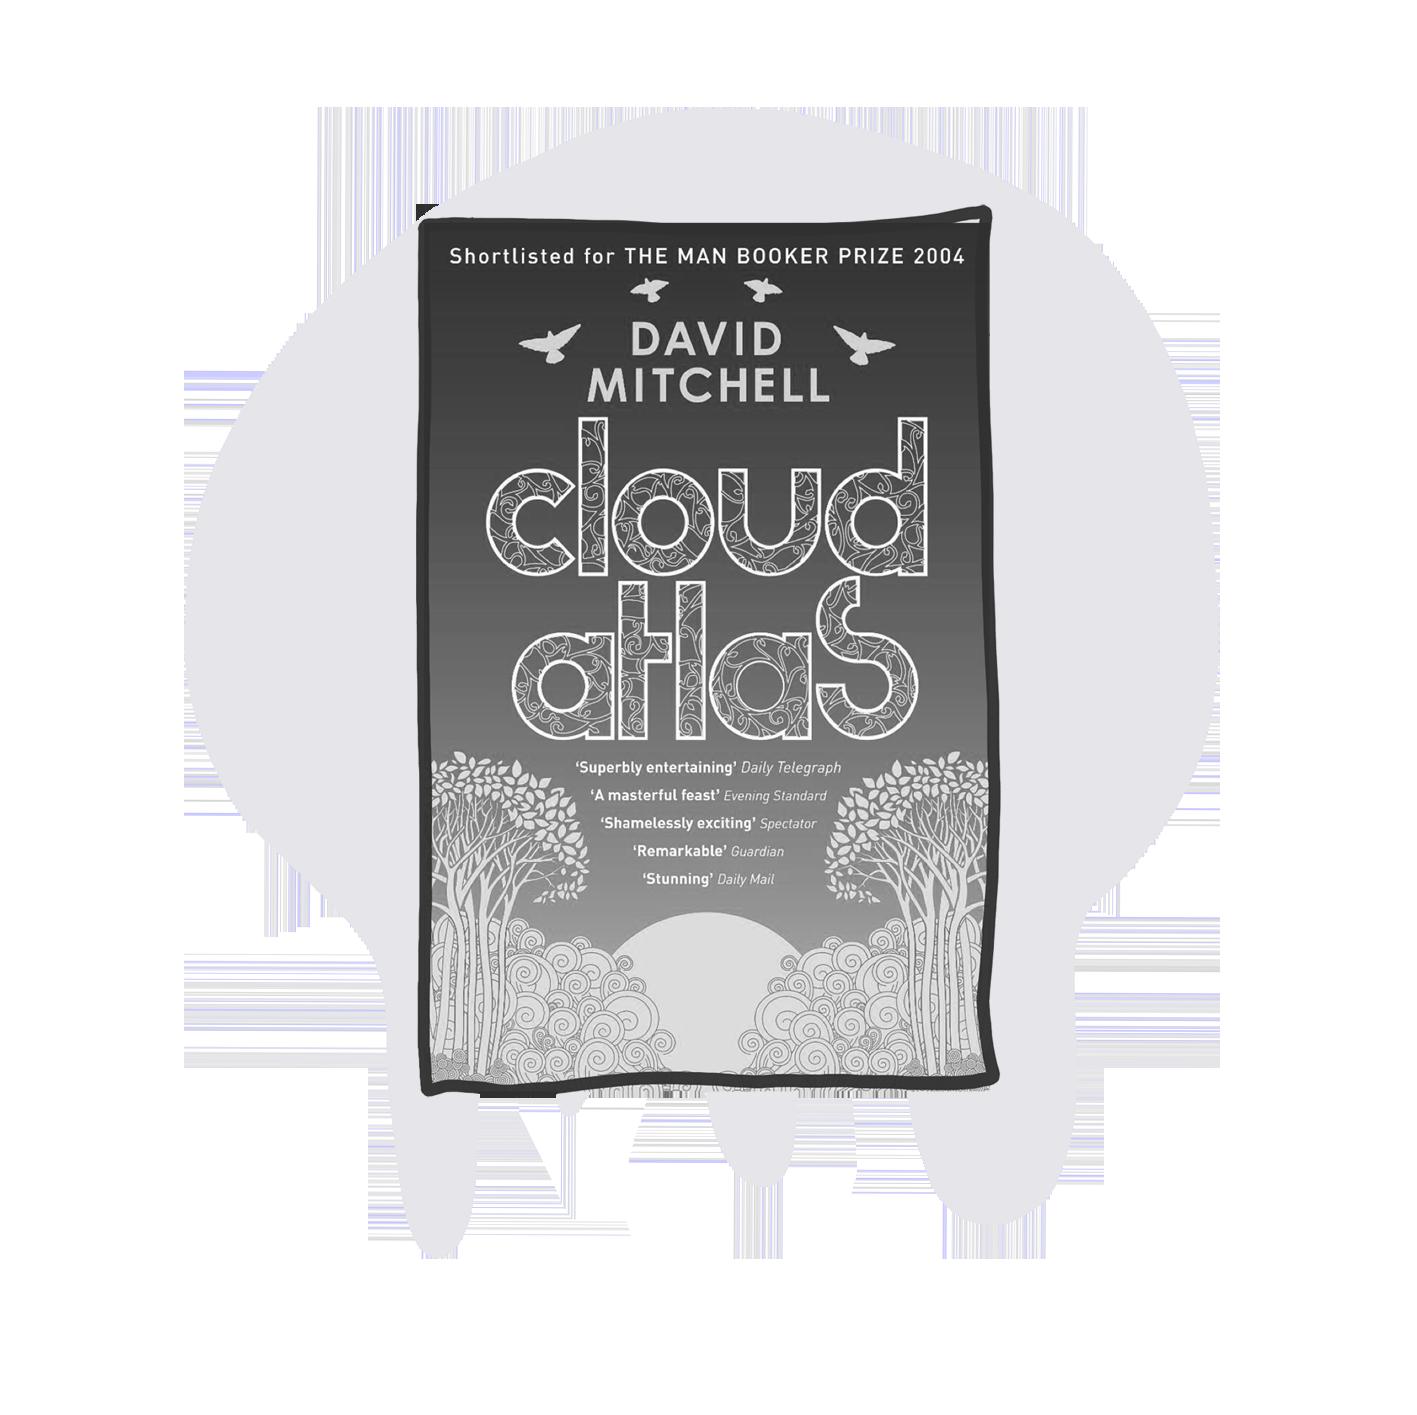 ReadinG - Cloud Atlas (again)